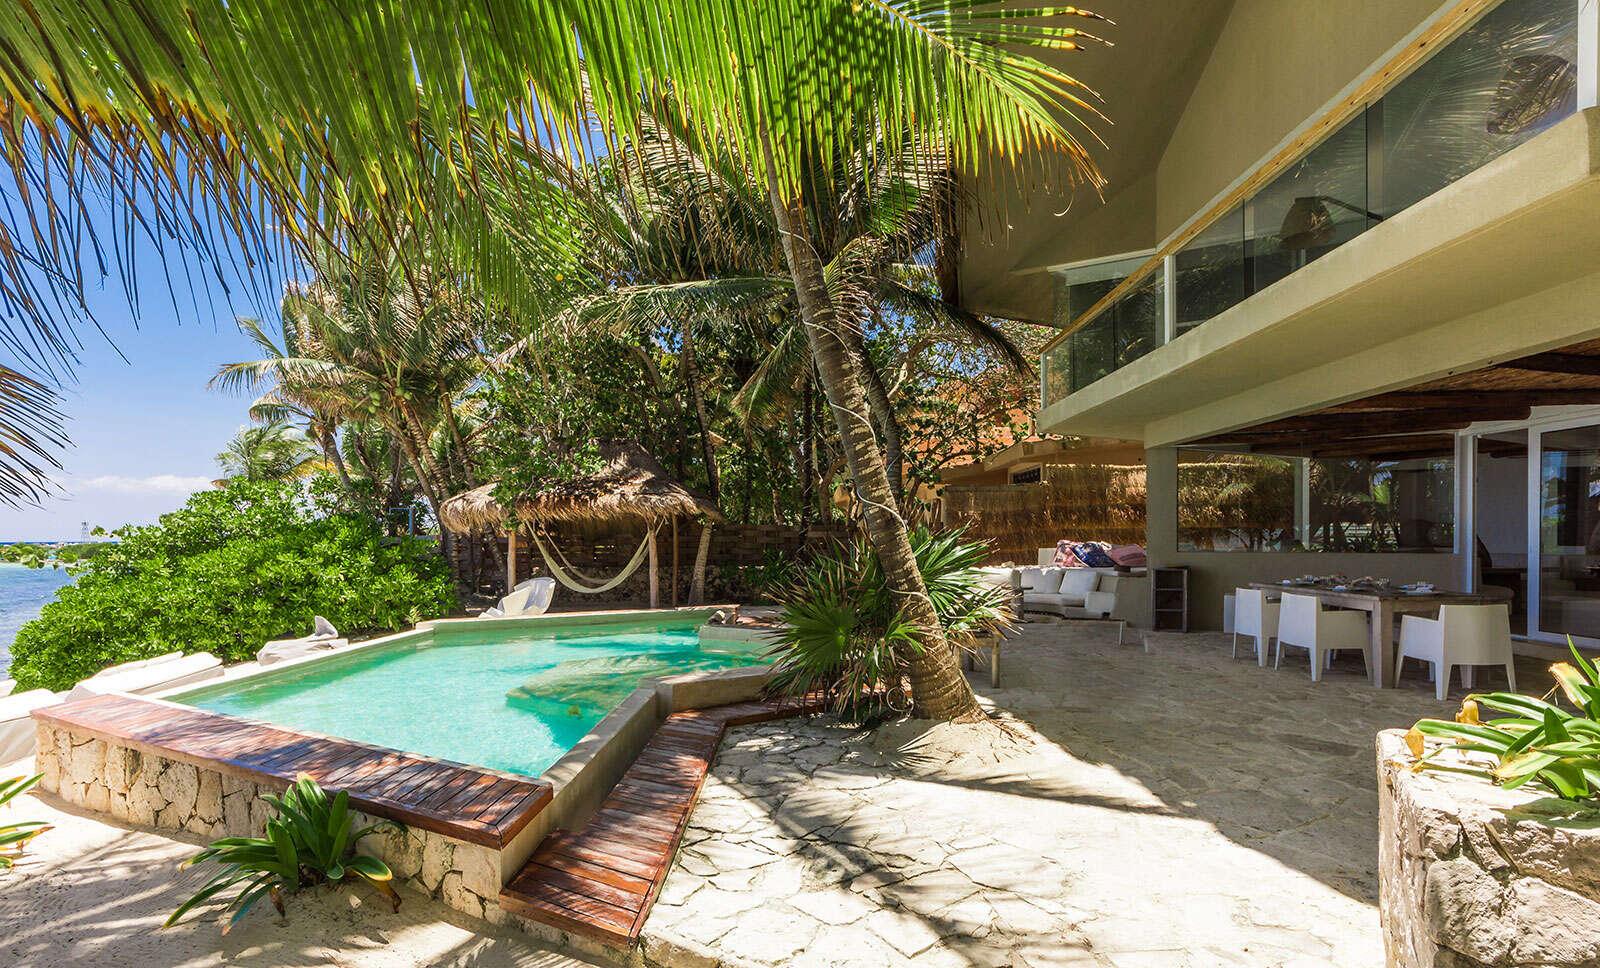 - Puerto Estate - Image 1/23